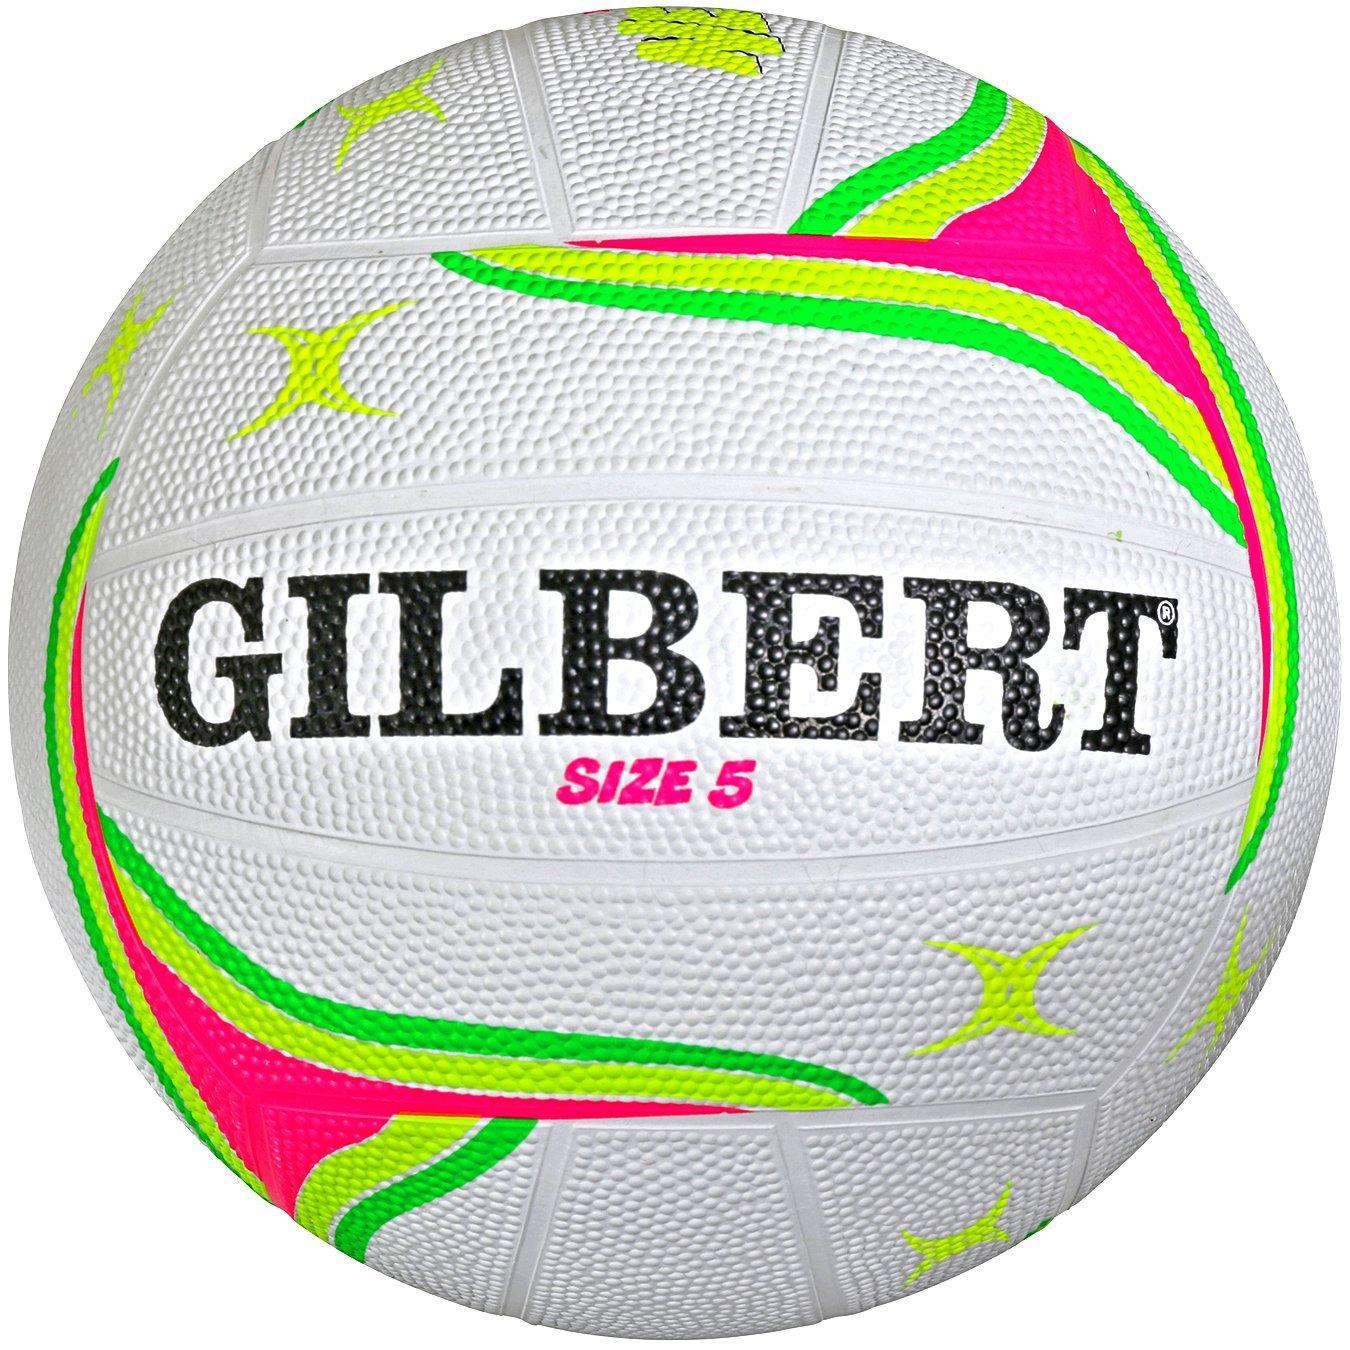 Gilbert APT Outdoor Netball Training/Practice Balls - FLUORO Size 5